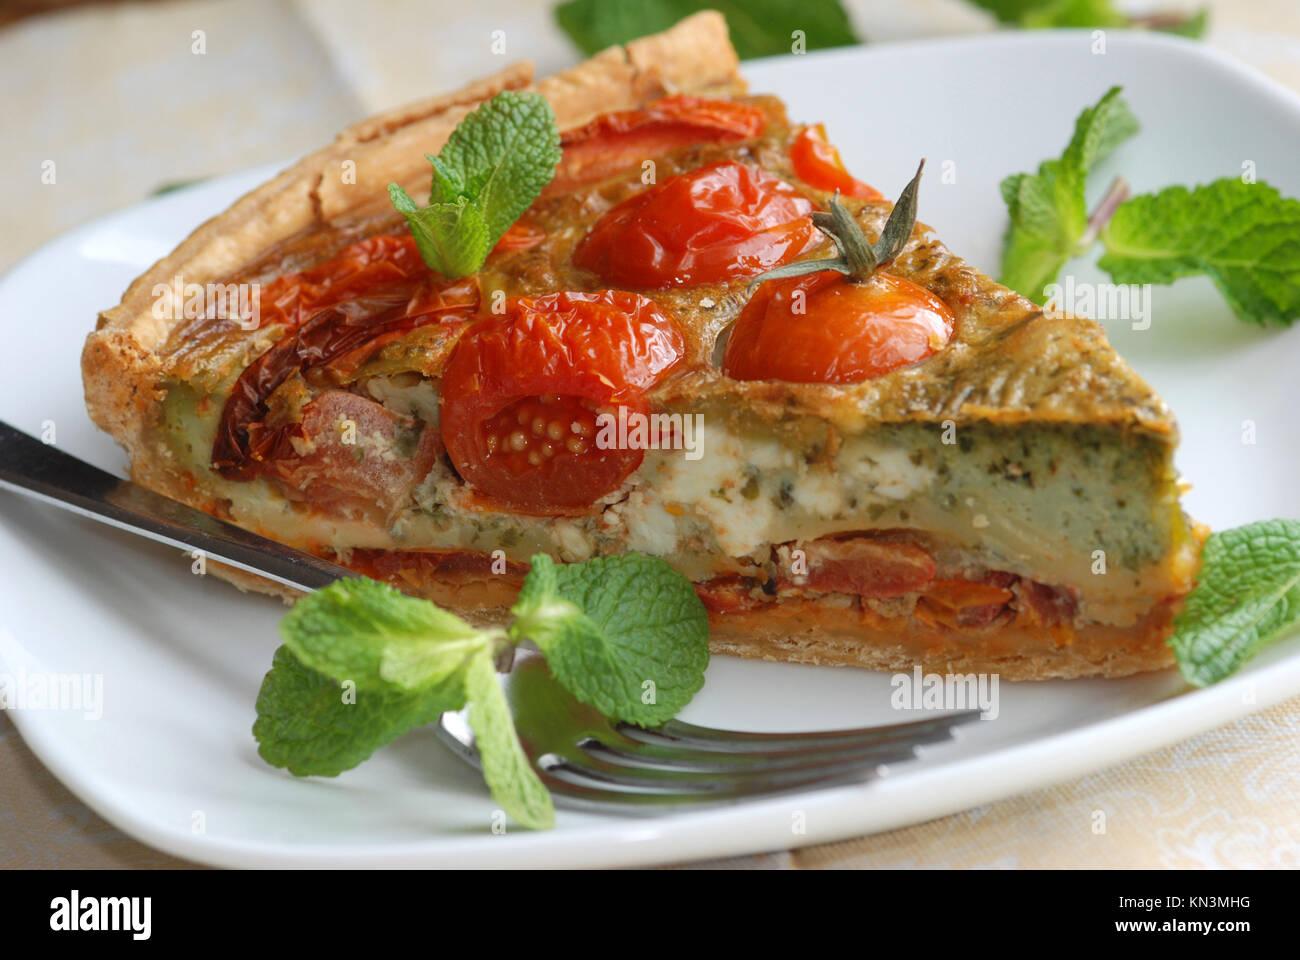 Preparata di fresco di pomodoro, basilico e pesto quiche. Immagini Stock